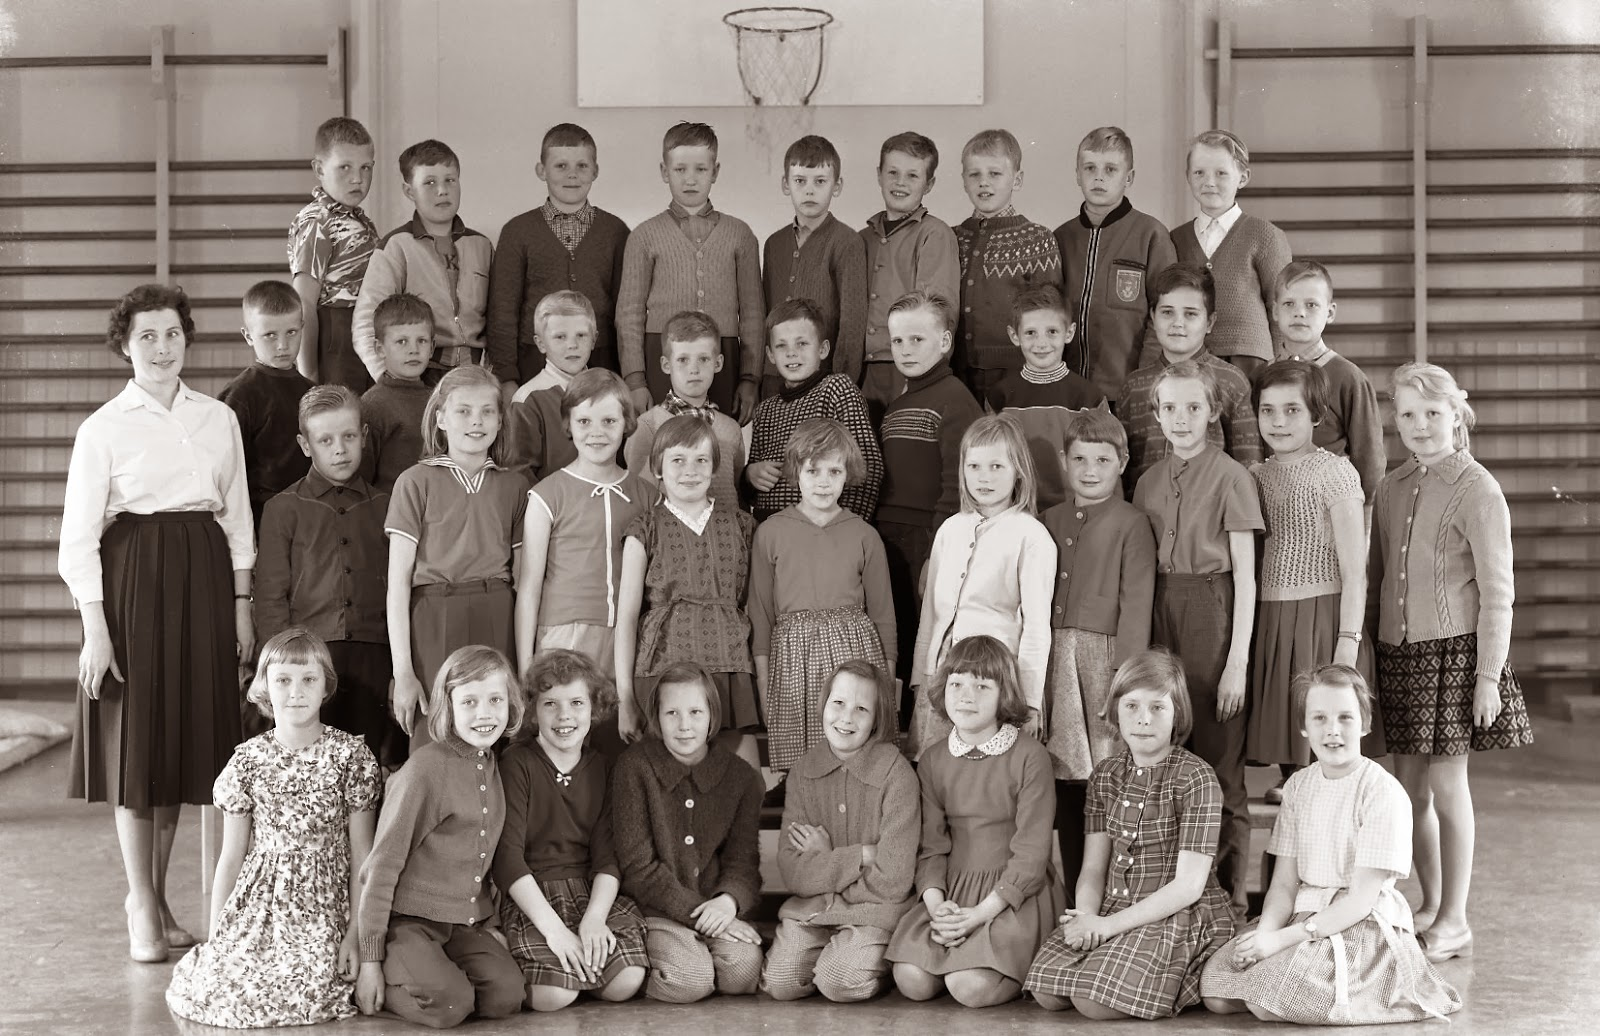 Vanhat Koulukuvat